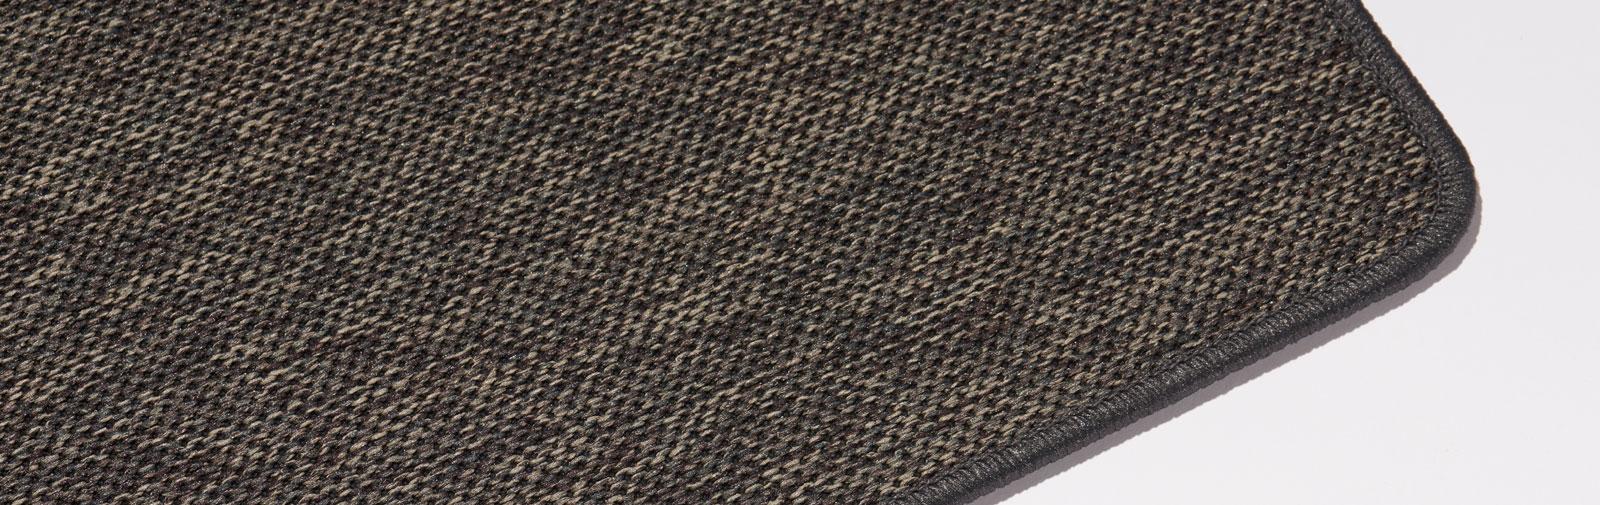 tapis d'église Wave code couleur 901 couleur quartz-gris